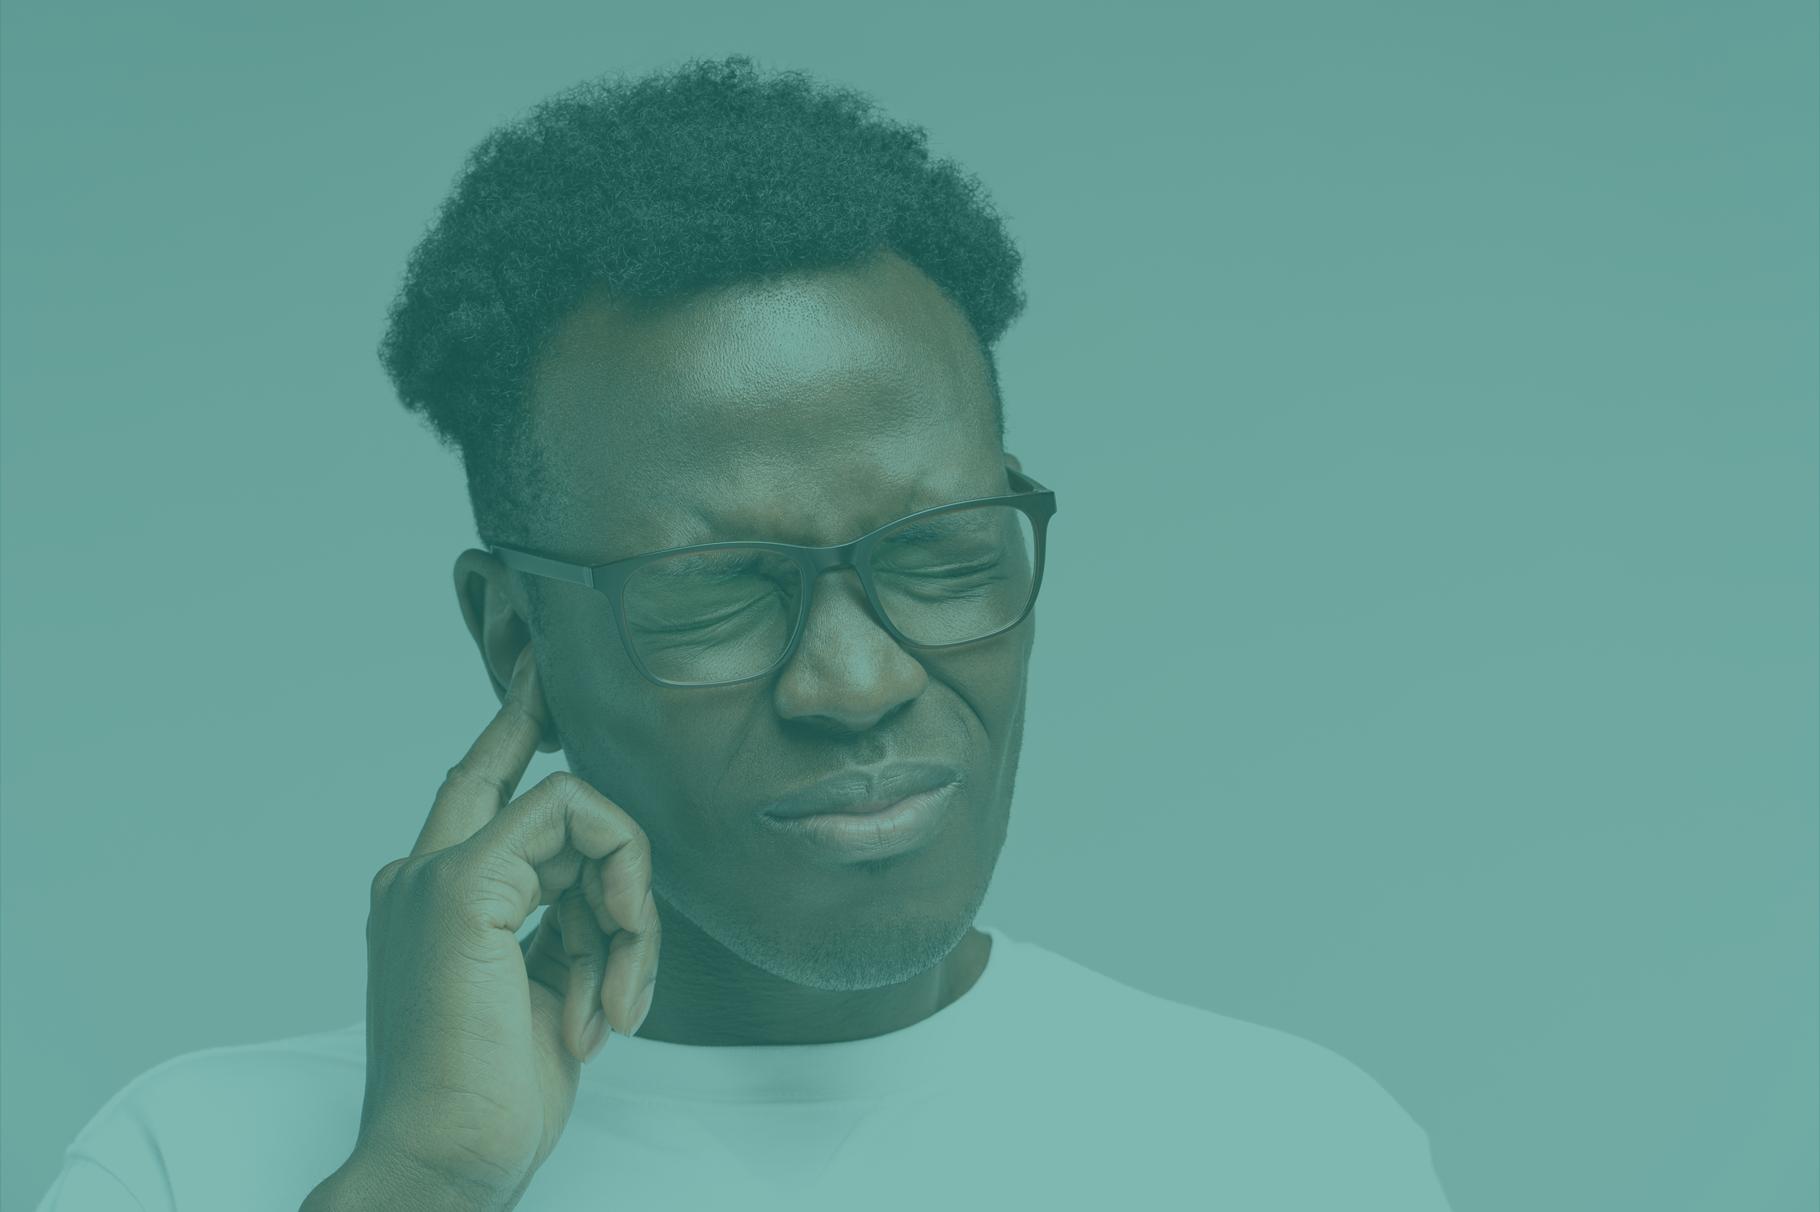 black-man-frowning-suffering-from-tinnitus-throbbing-green